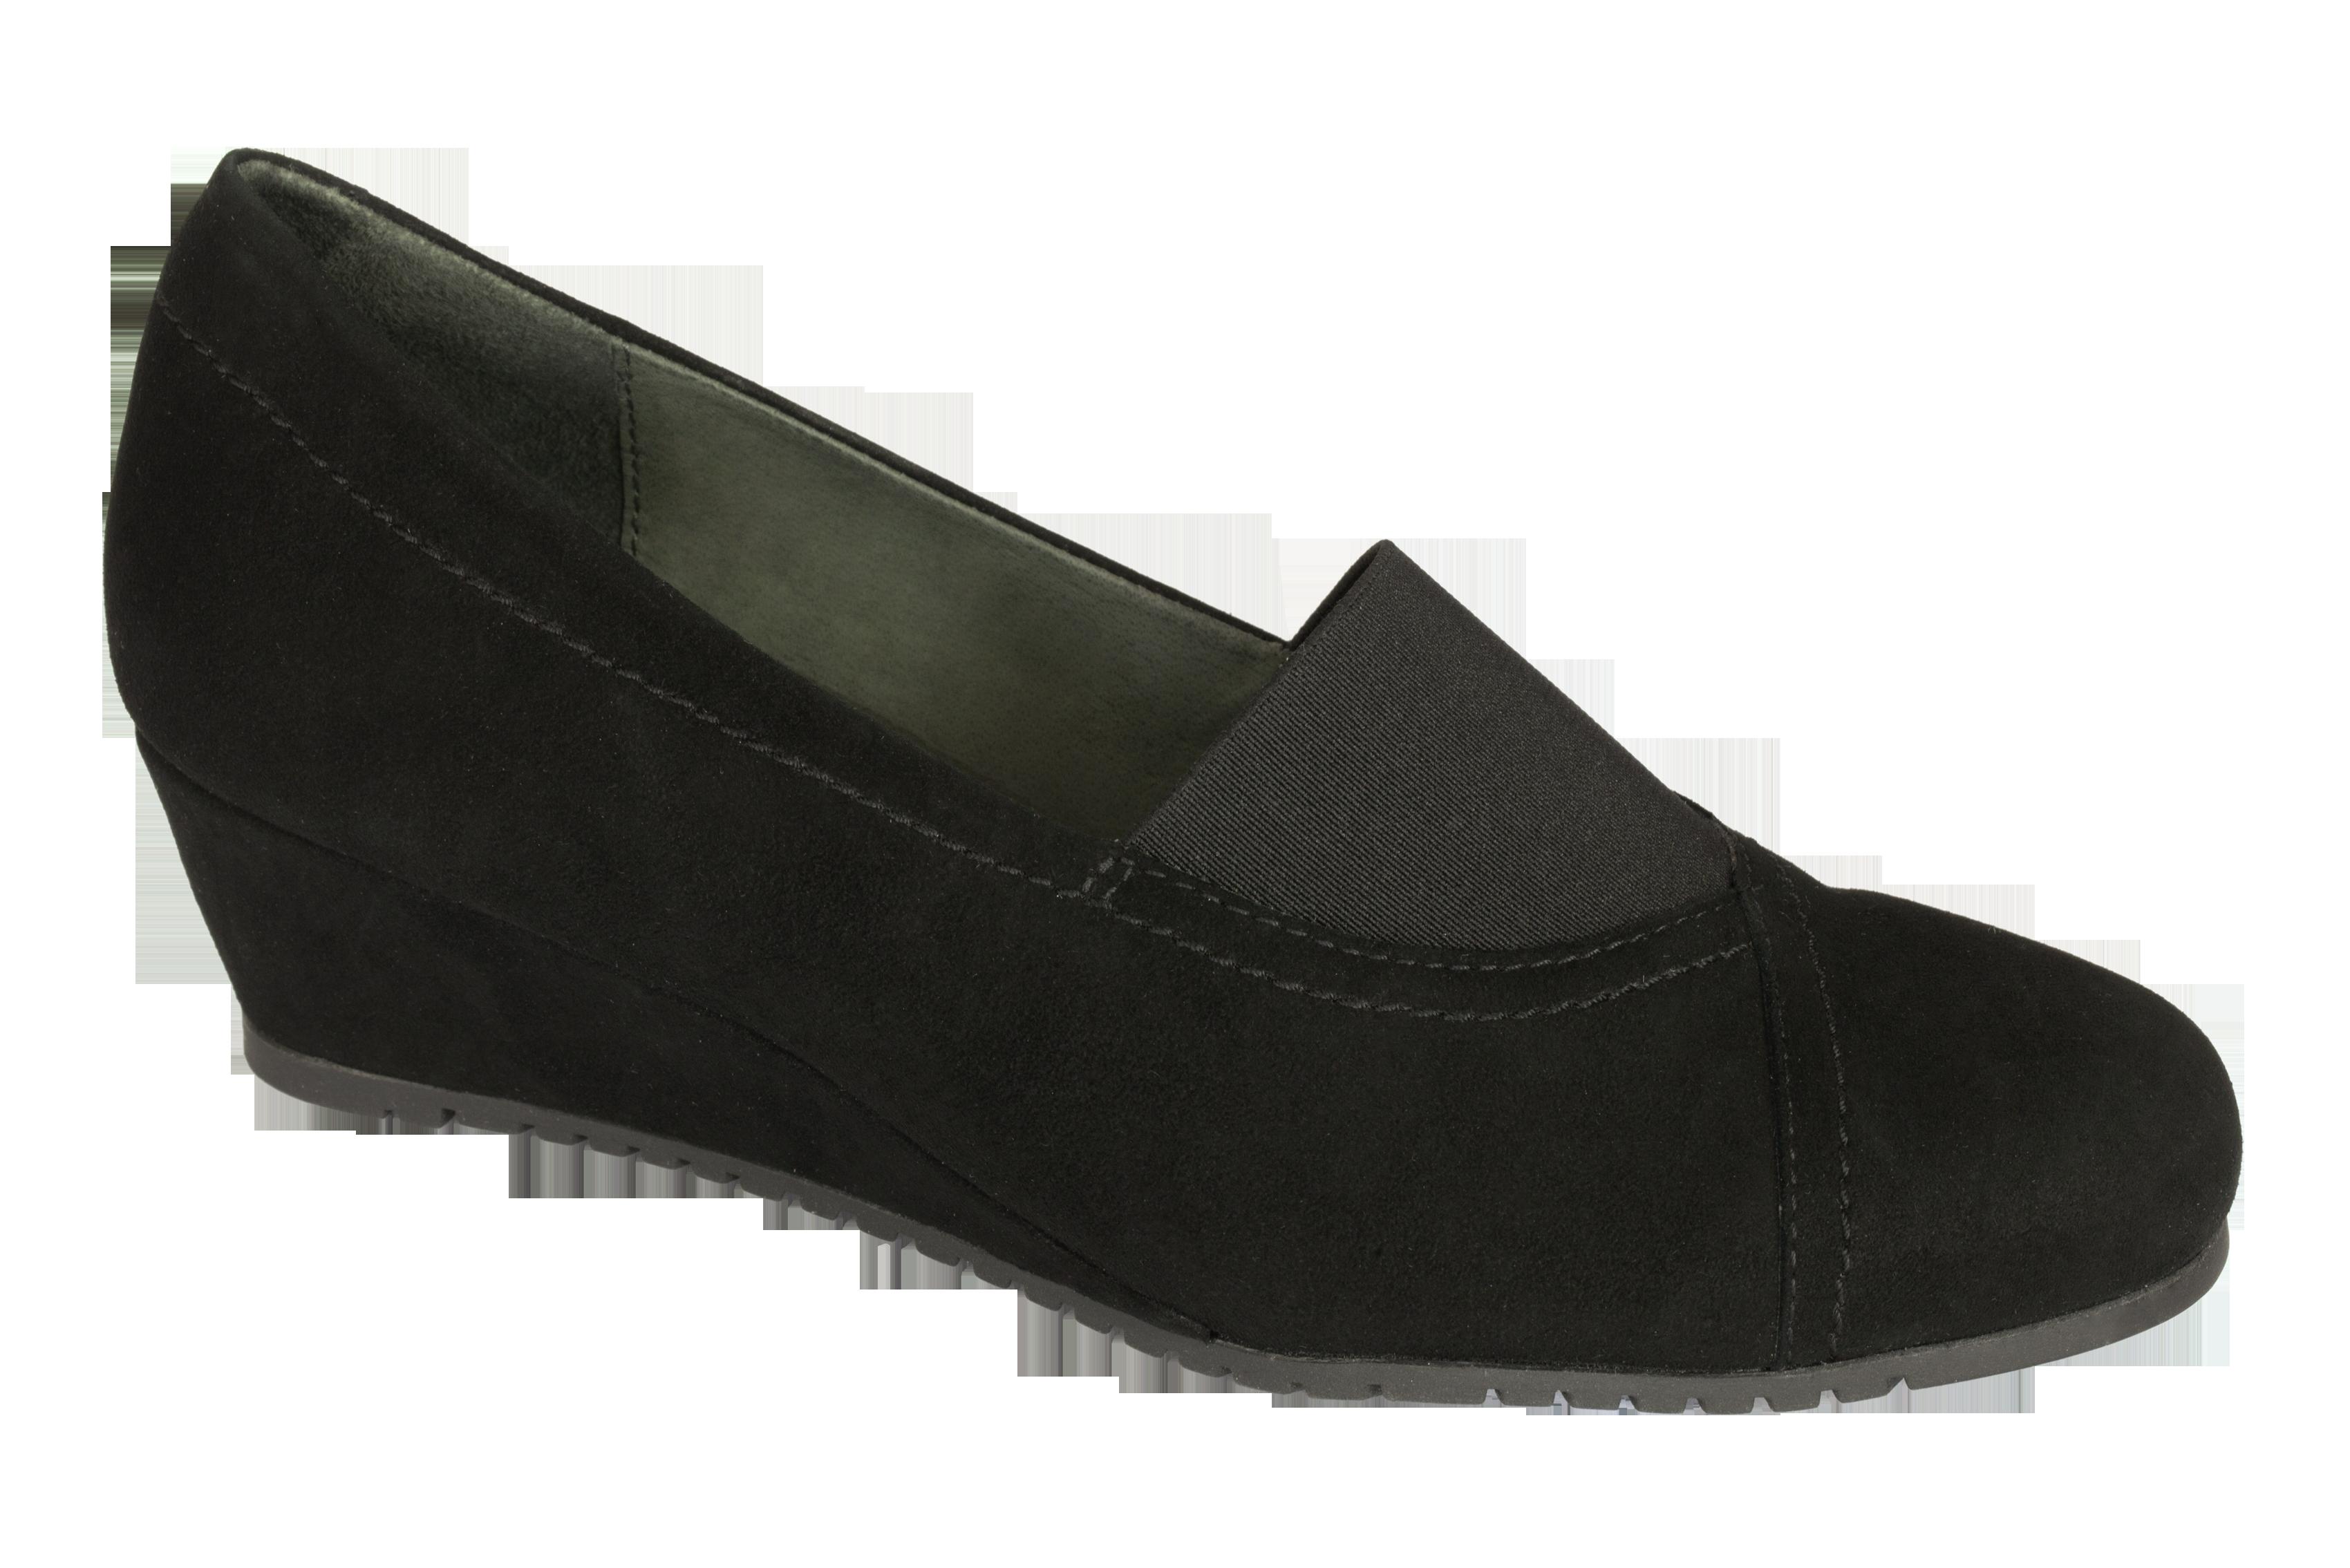 Scholl Hellen chaussures talons ,noir , Memory Cushion , Scholl chaussures  , Marque